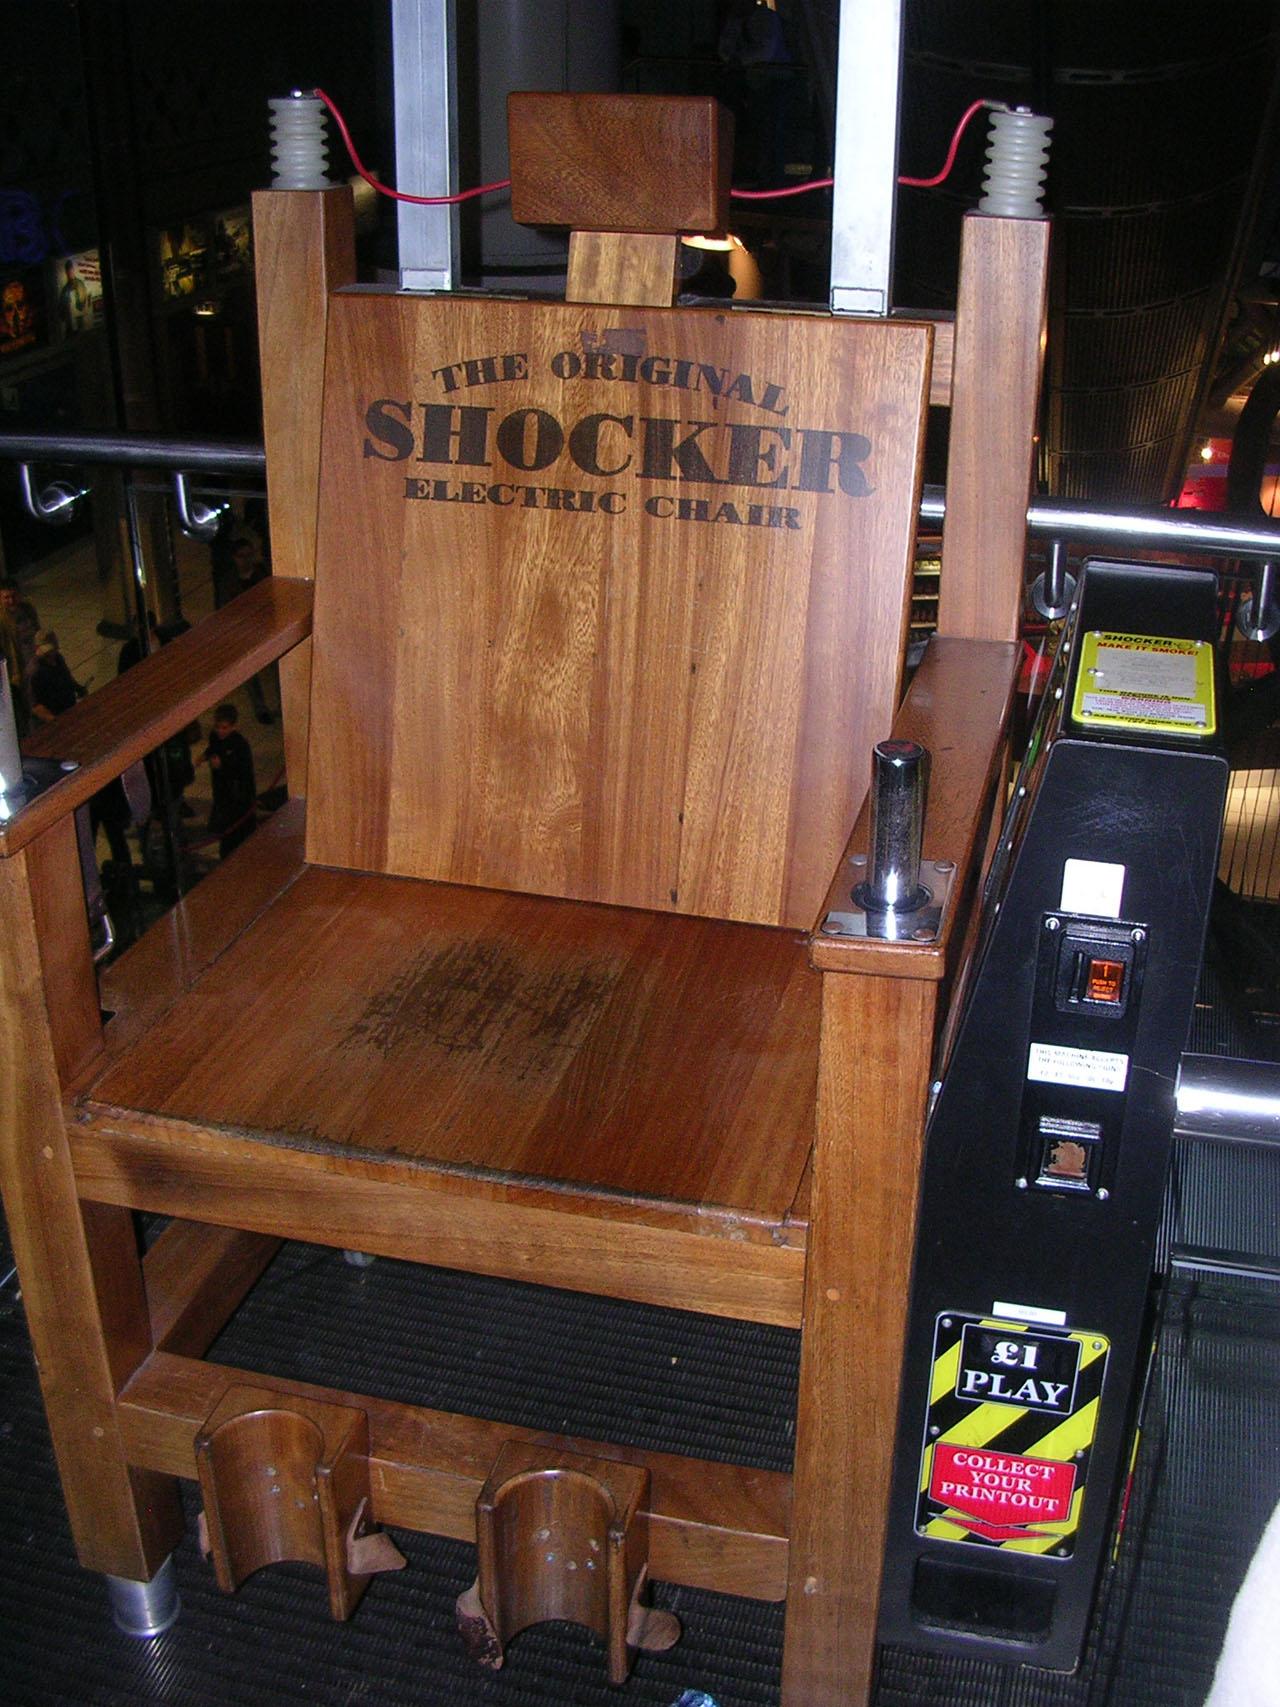 Une photo de londres par jour une chaise lectrique au london trocadero - Chaise electrique en france ...